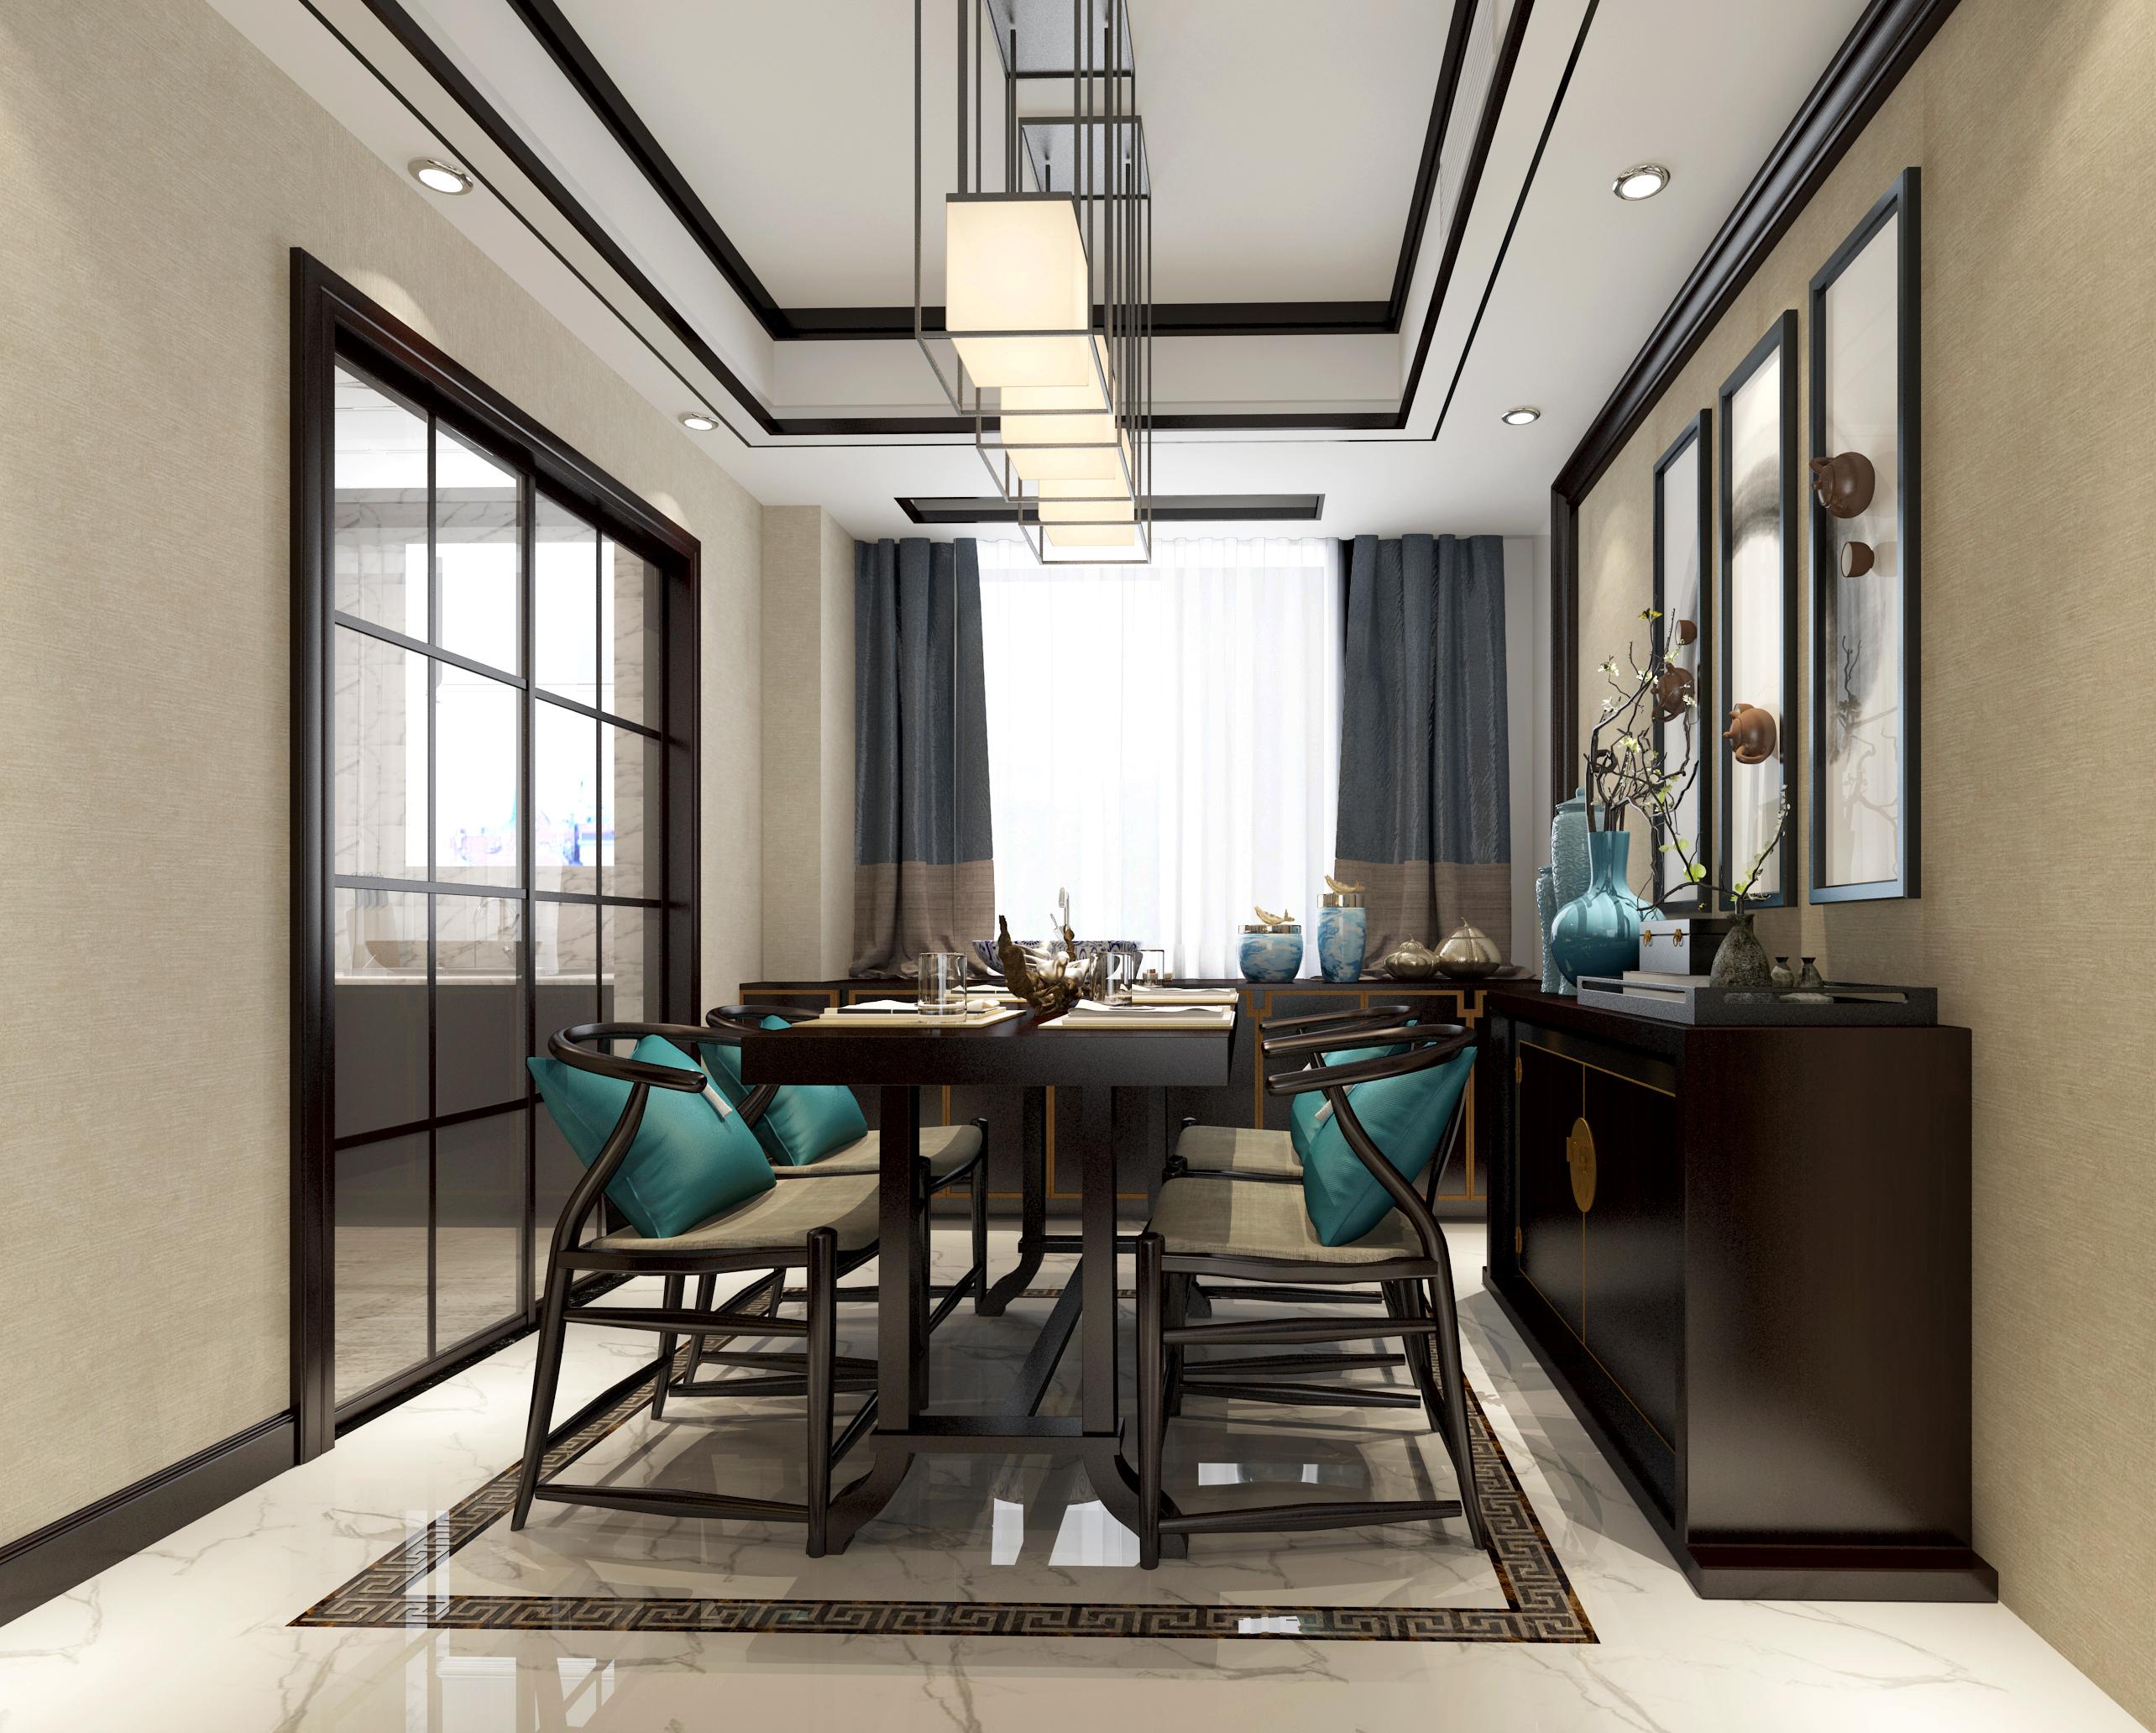 南秀雅苑 上海拉齐娜建筑装饰设计工程有限公司